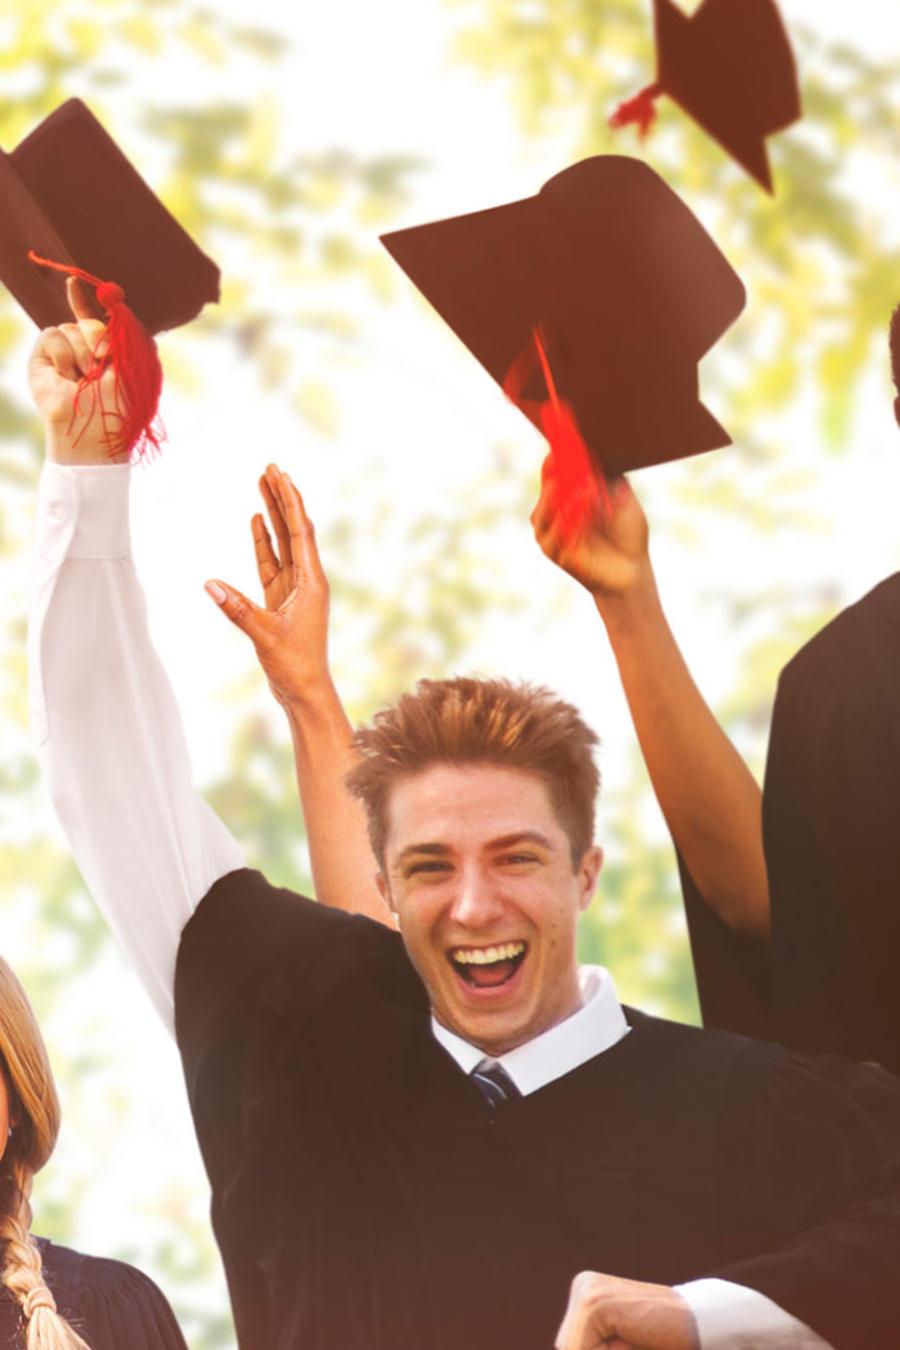 recien graduados sonriendo